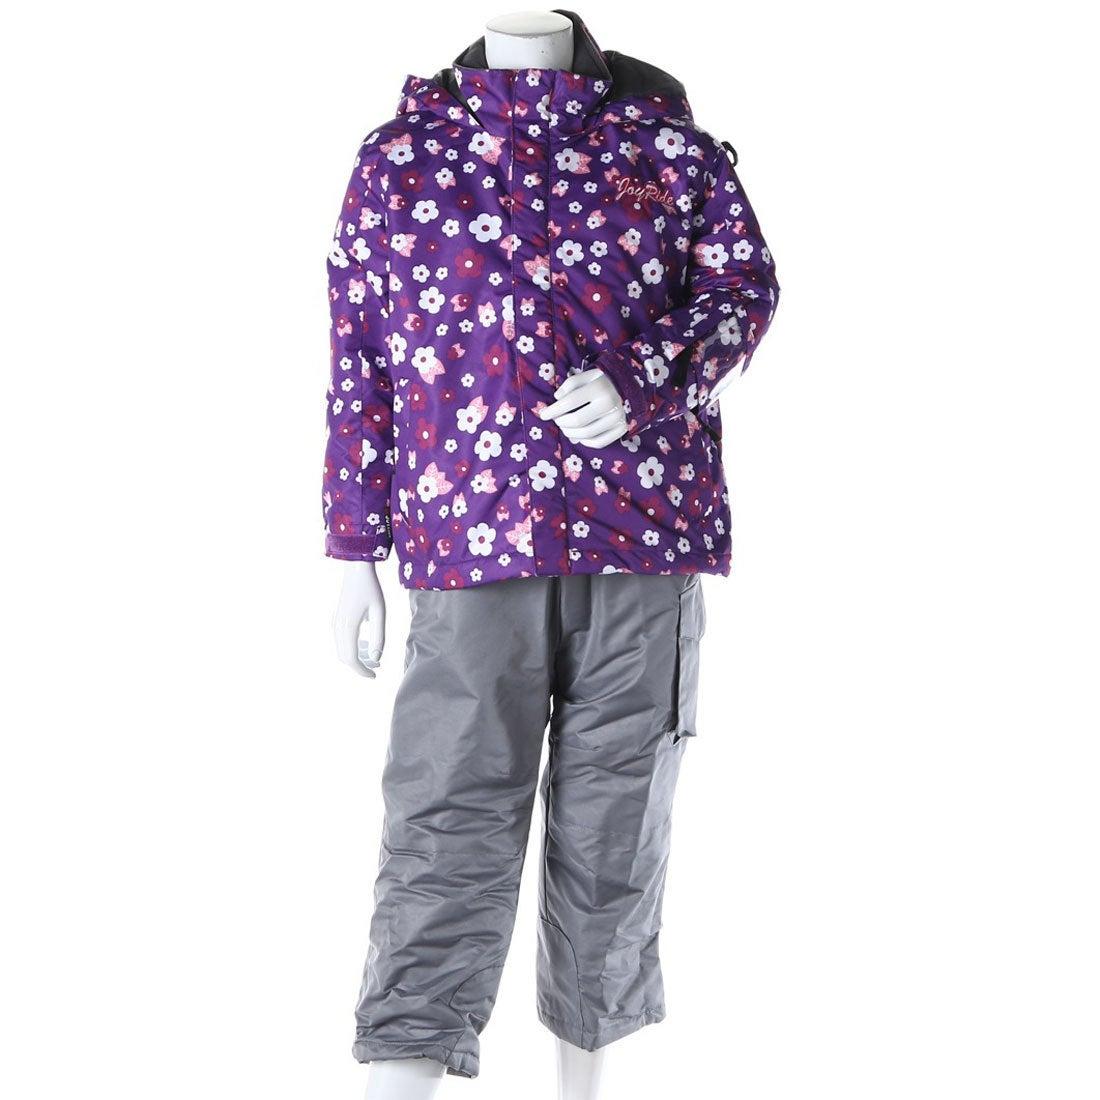 ロコンド 靴とファッションの通販サイトジョイライドJOYRIDEジュニアスキーウェア上下セットトドラースキーウェアーJOT-5320